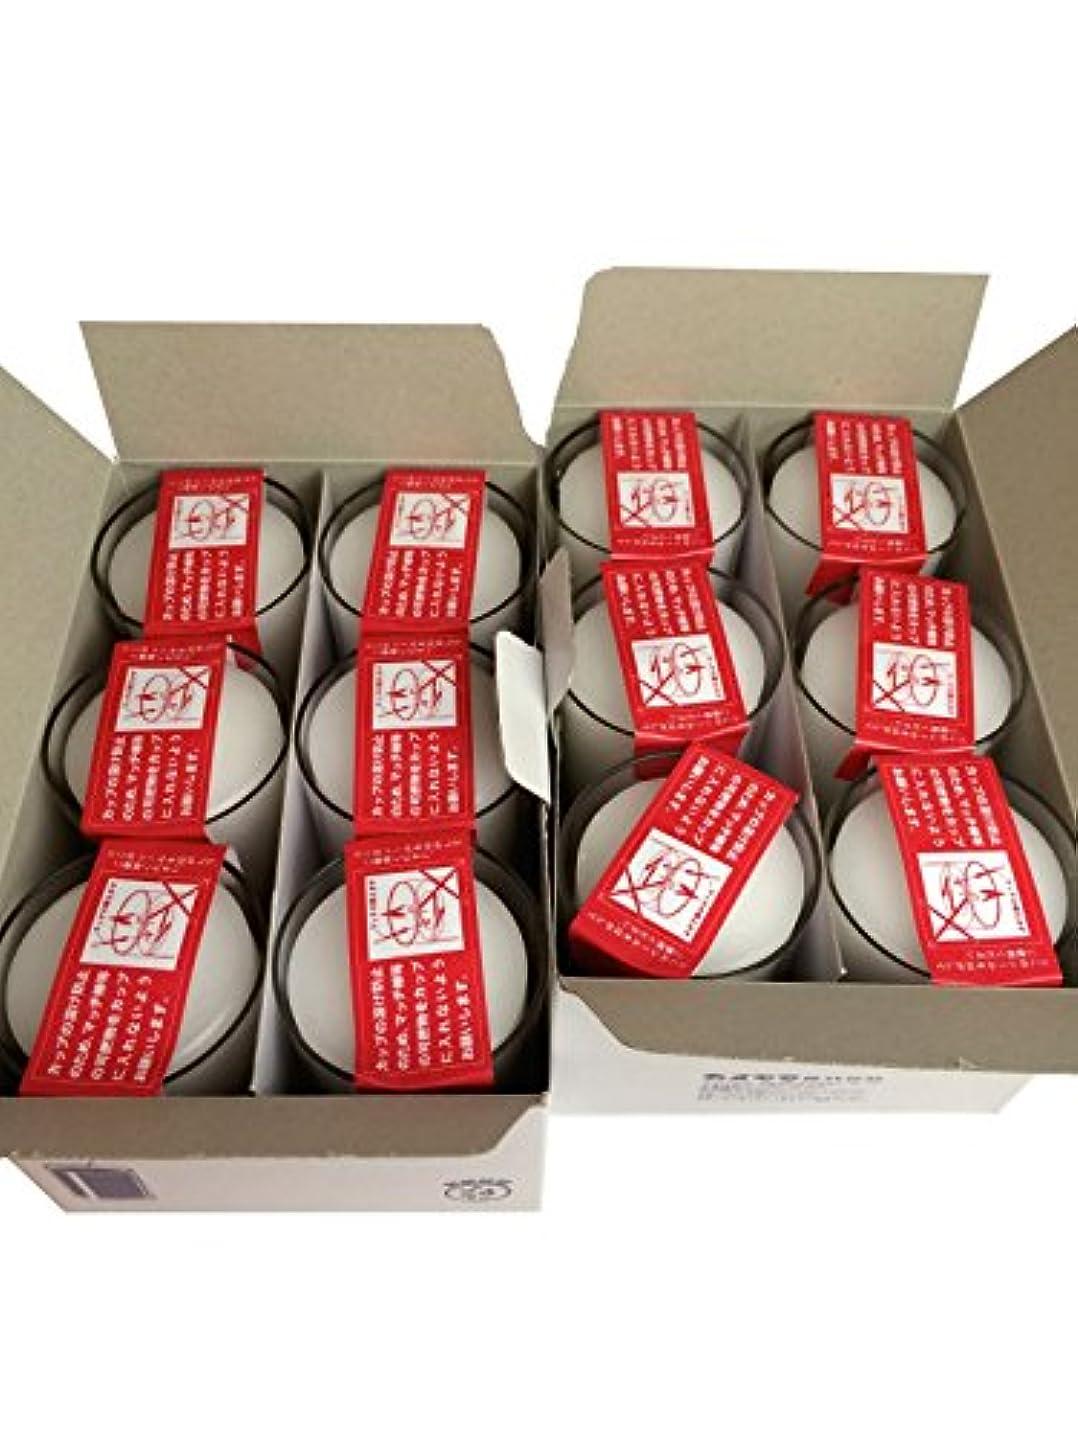 爆弾消毒するアプライアンスカメヤマローソク 長時間 24時間 ボーティブ カップ入り(6個×2箱set) 石のさかい 粗品付き